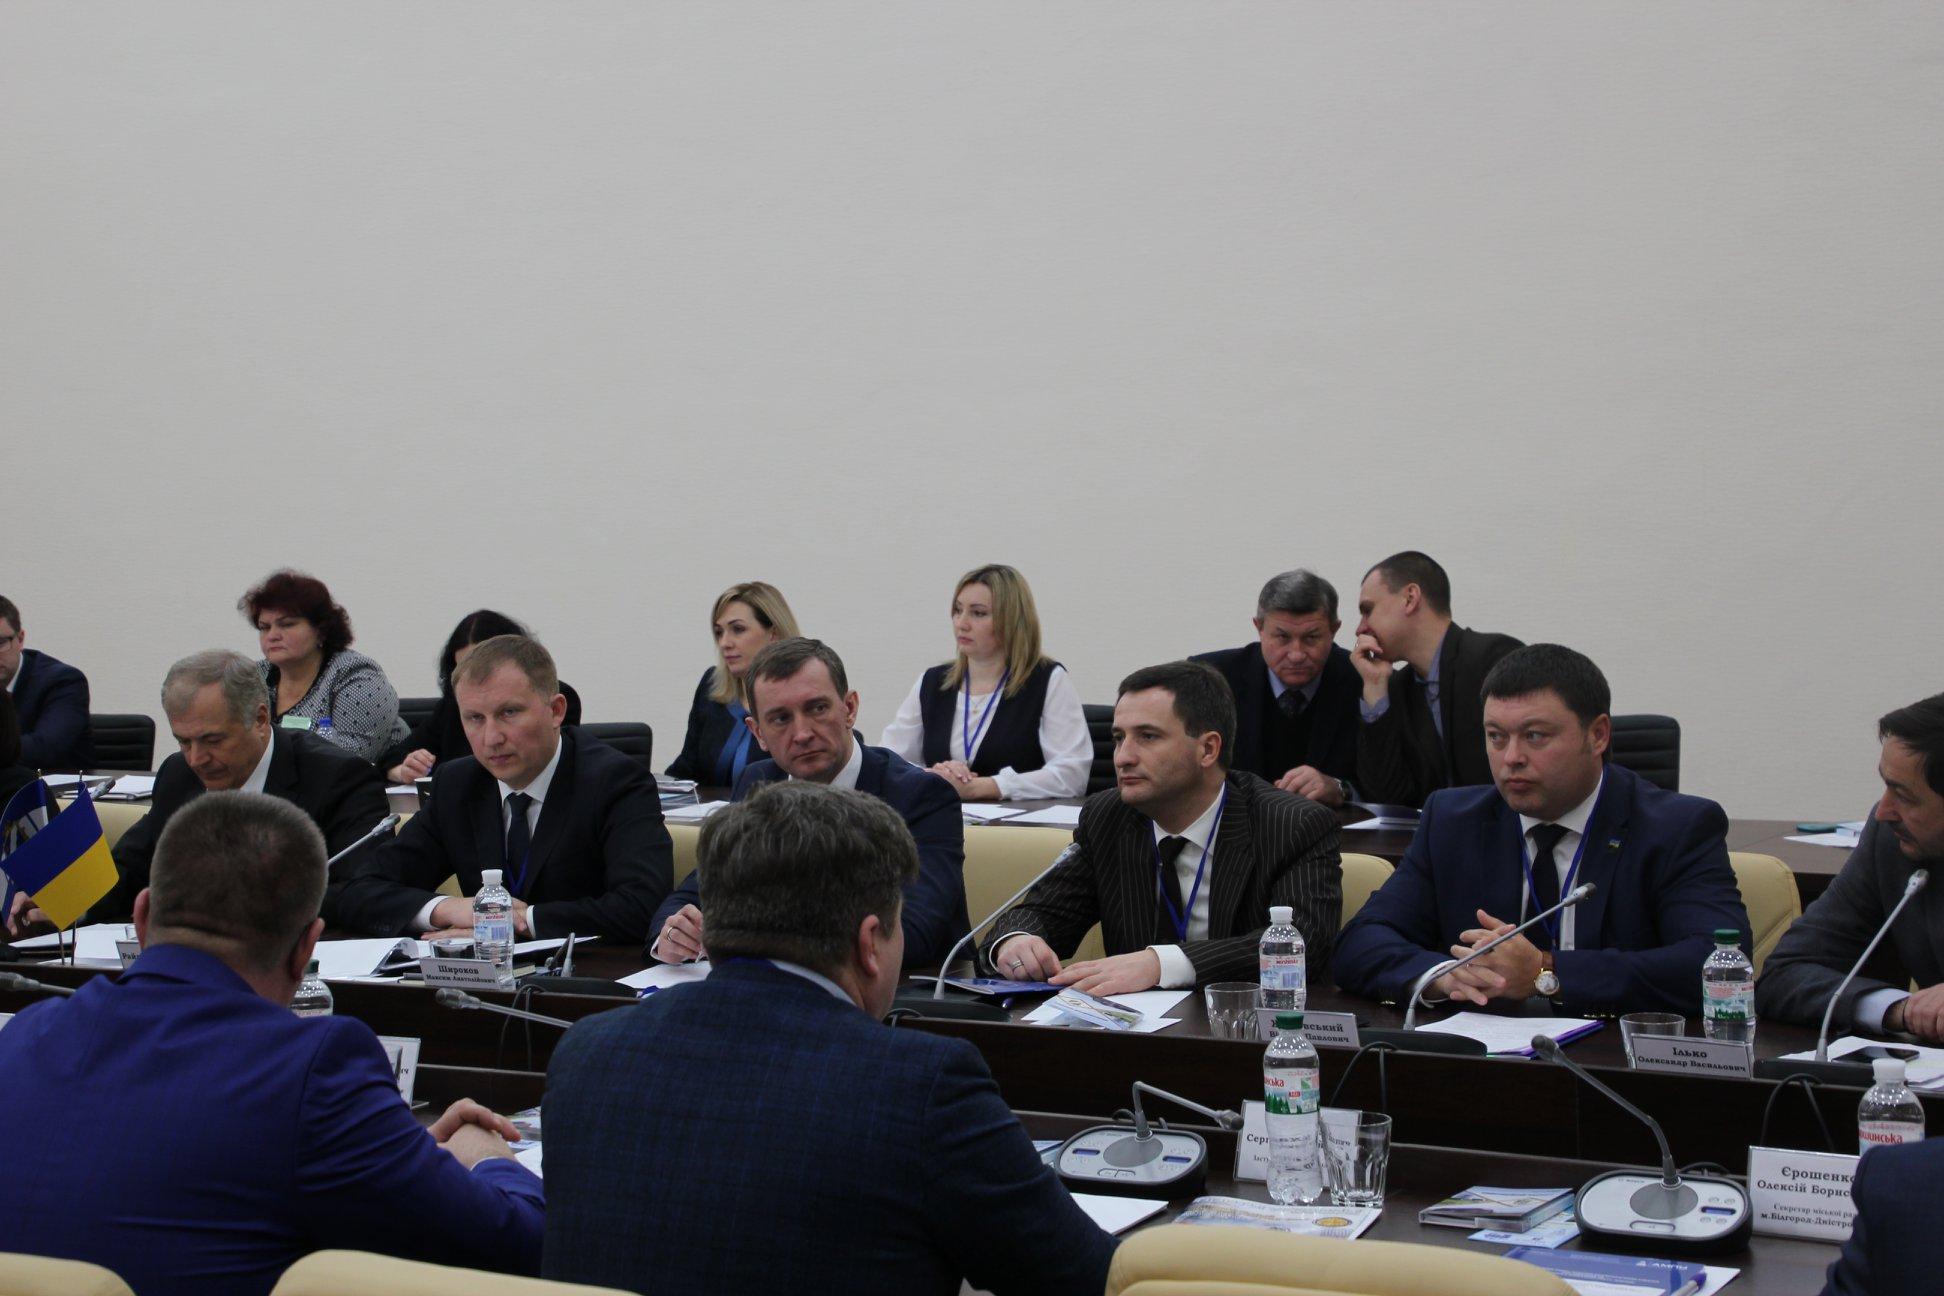 Южному відбулась спільна нарада Асоціації міст України та Міністерства інфраструктури України, АМПУ з питань діяльності морських портів